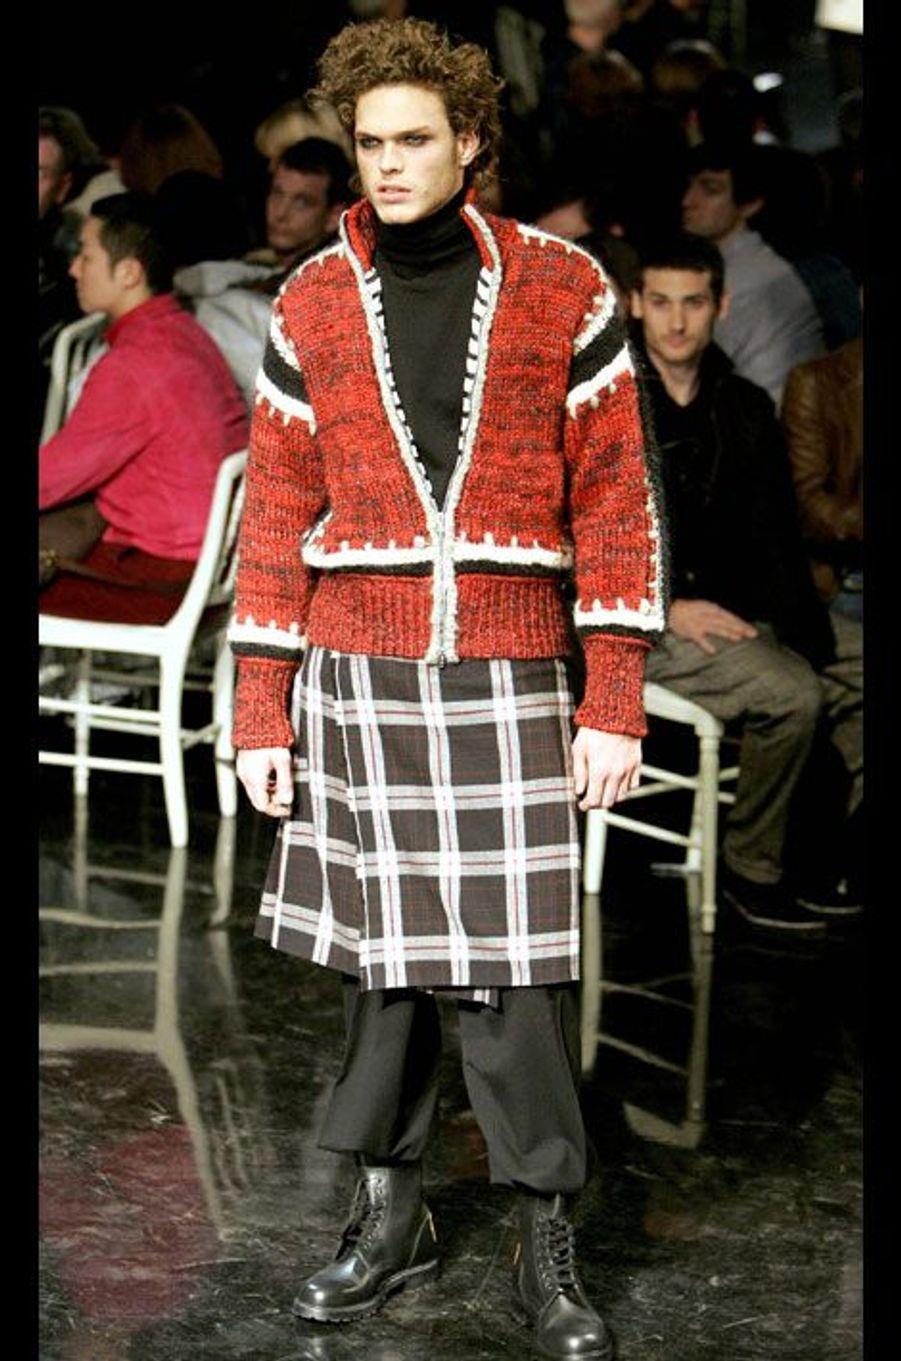 Un modèle de la collection Homme Automne-Hiver 2006/07